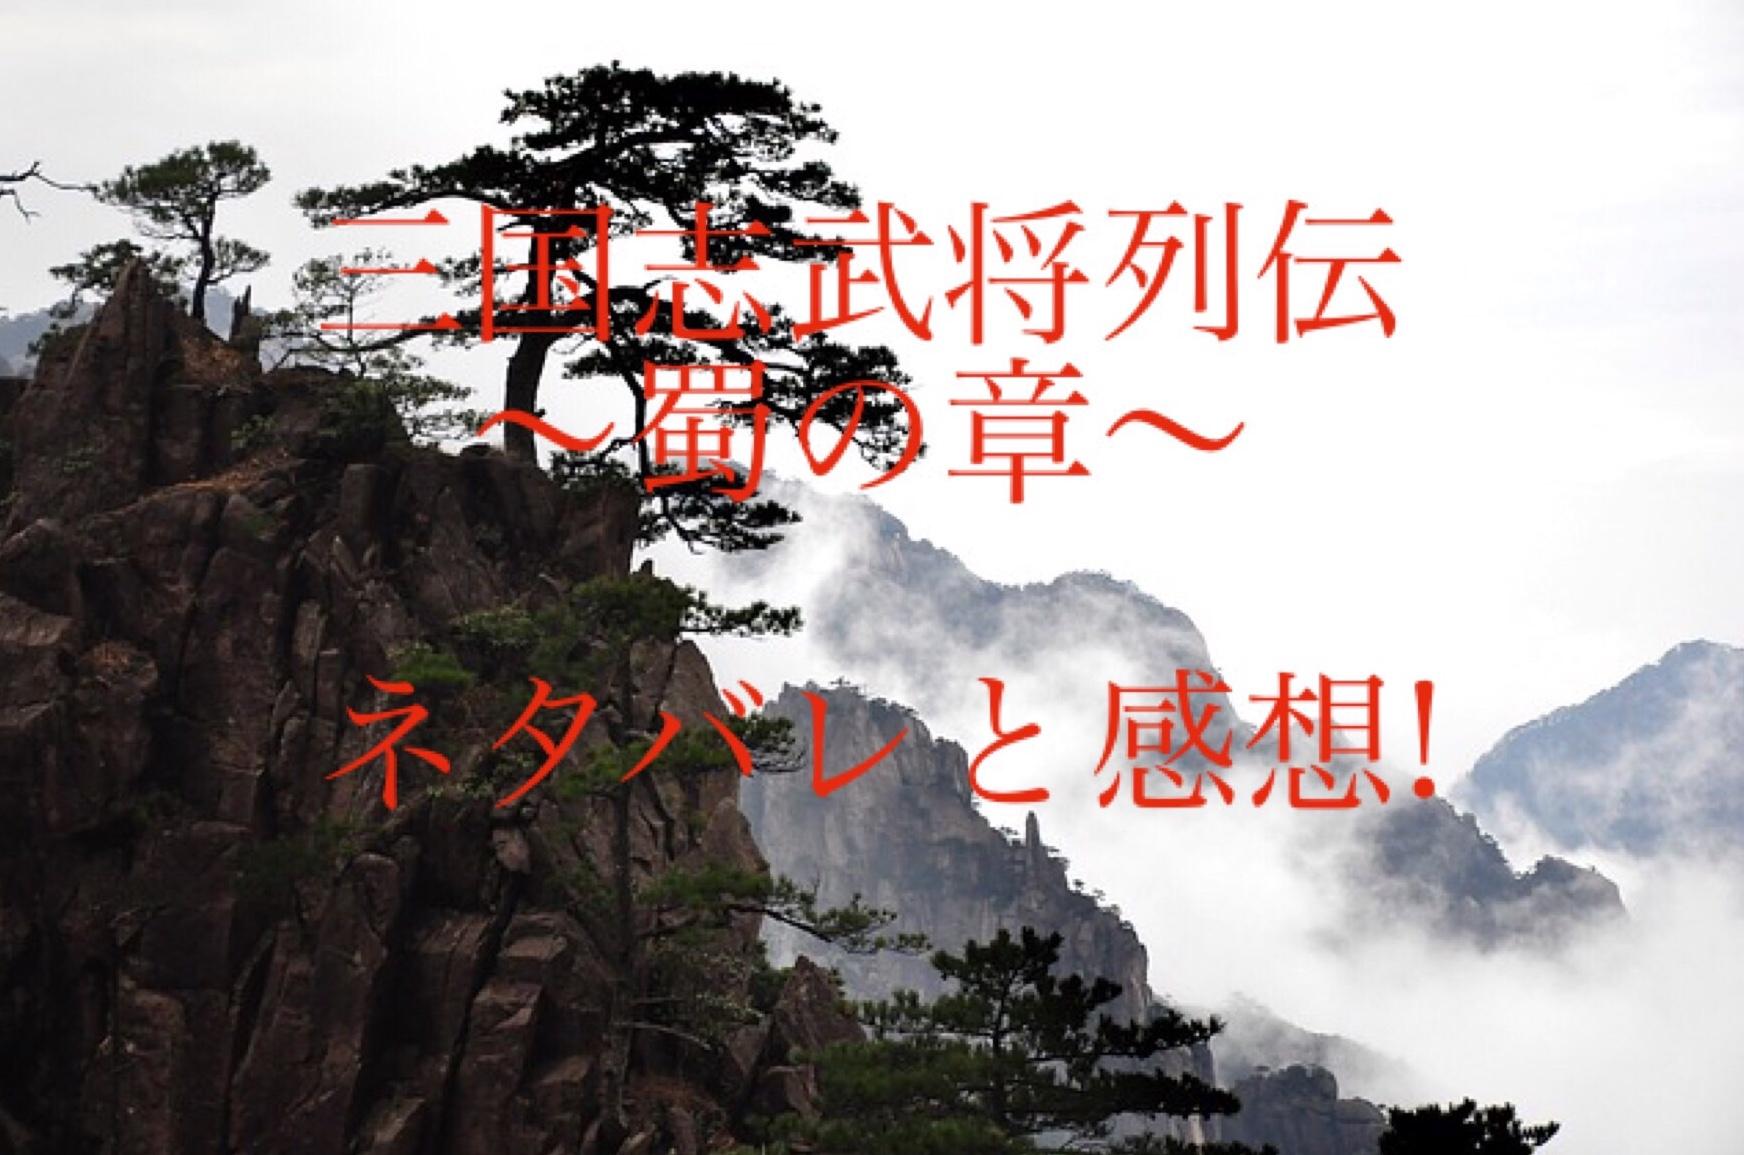 三国志武将列伝~蜀の章~【第2話】最新話のネタバレと感想!